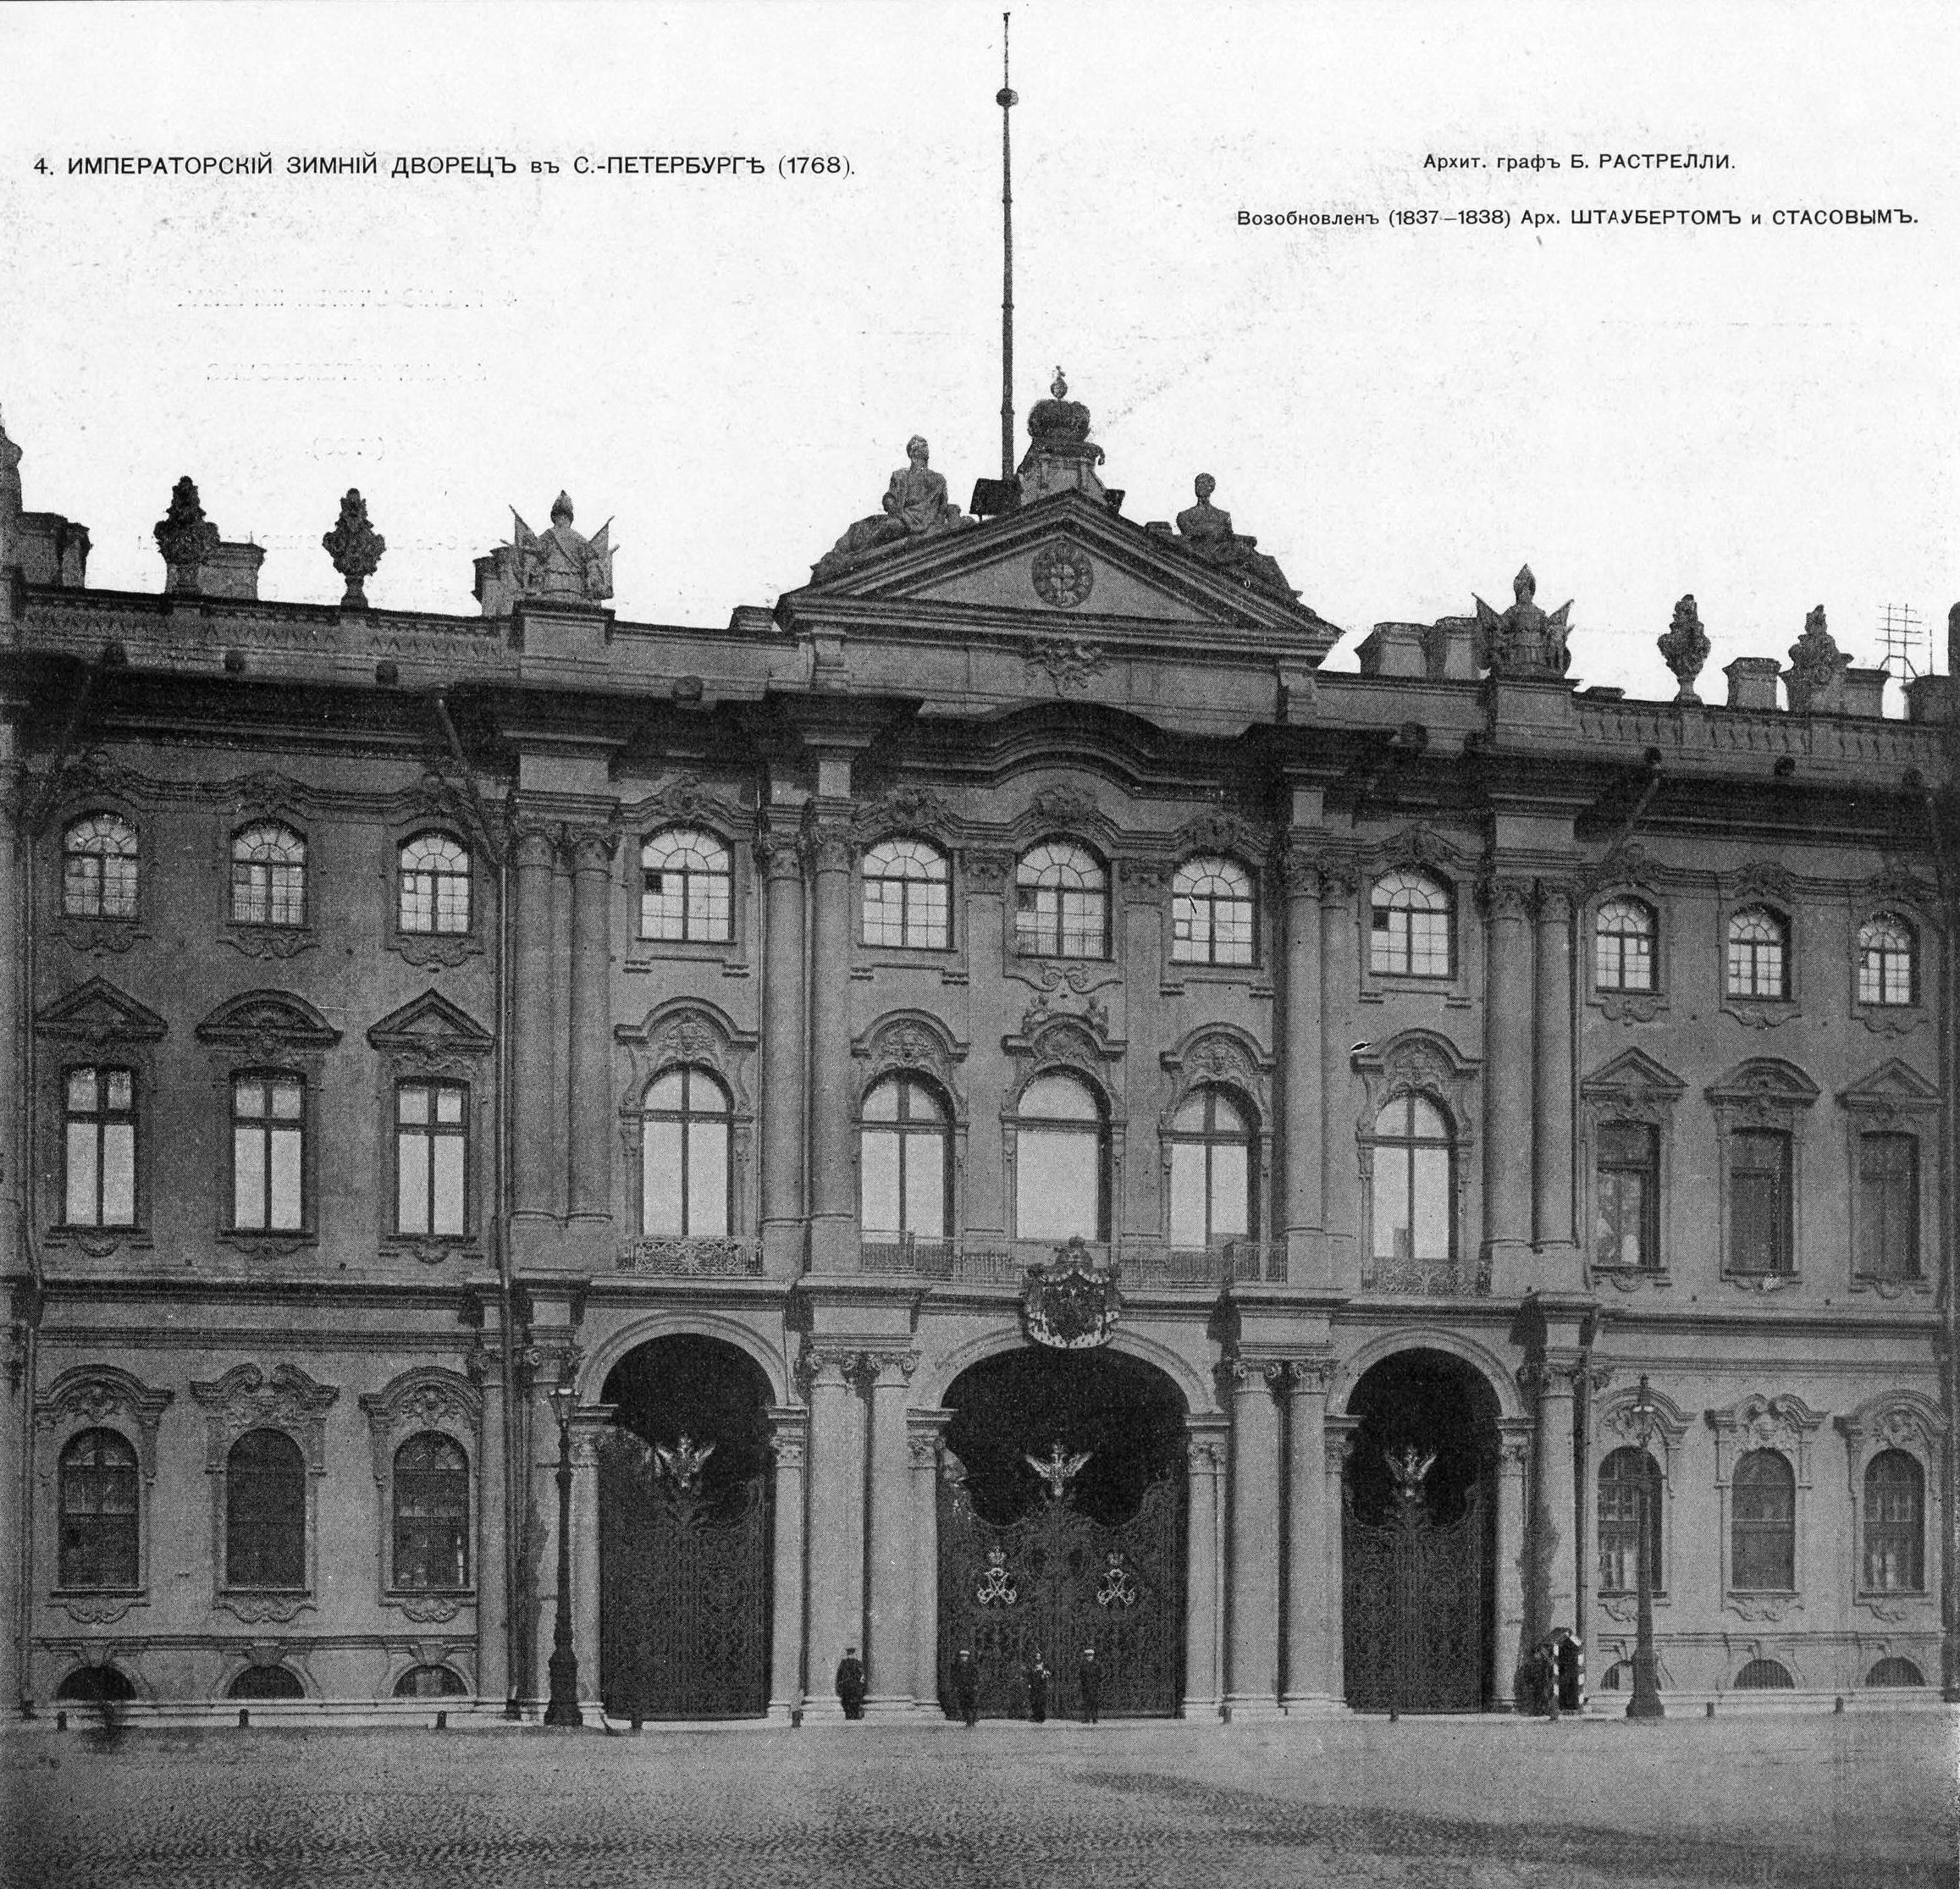 Зимний дворец. Средняя часть фасада